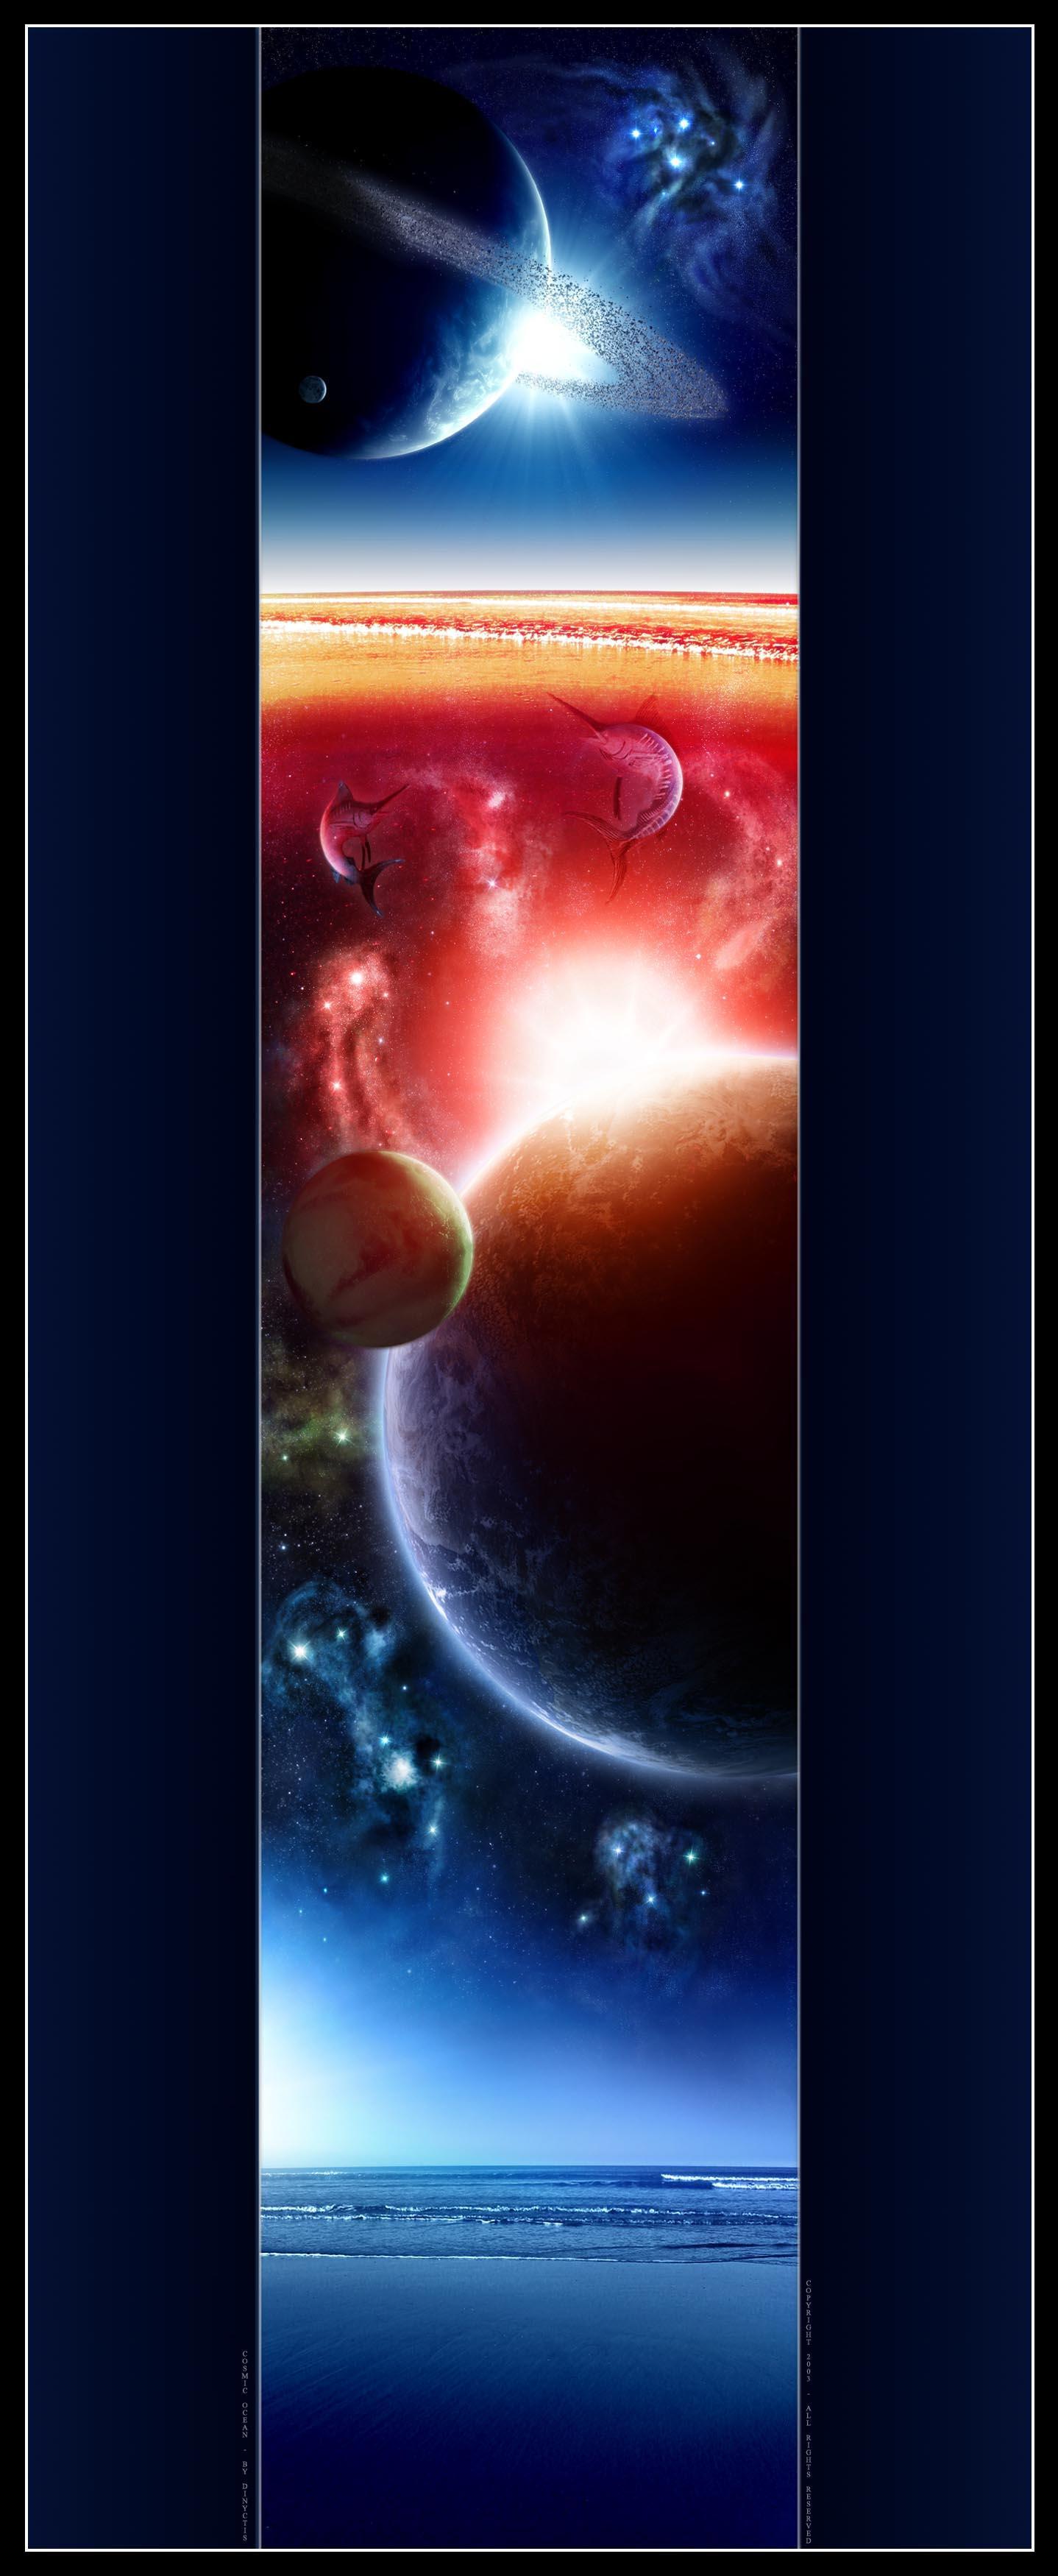 Cosmic Ocean by dinyctis